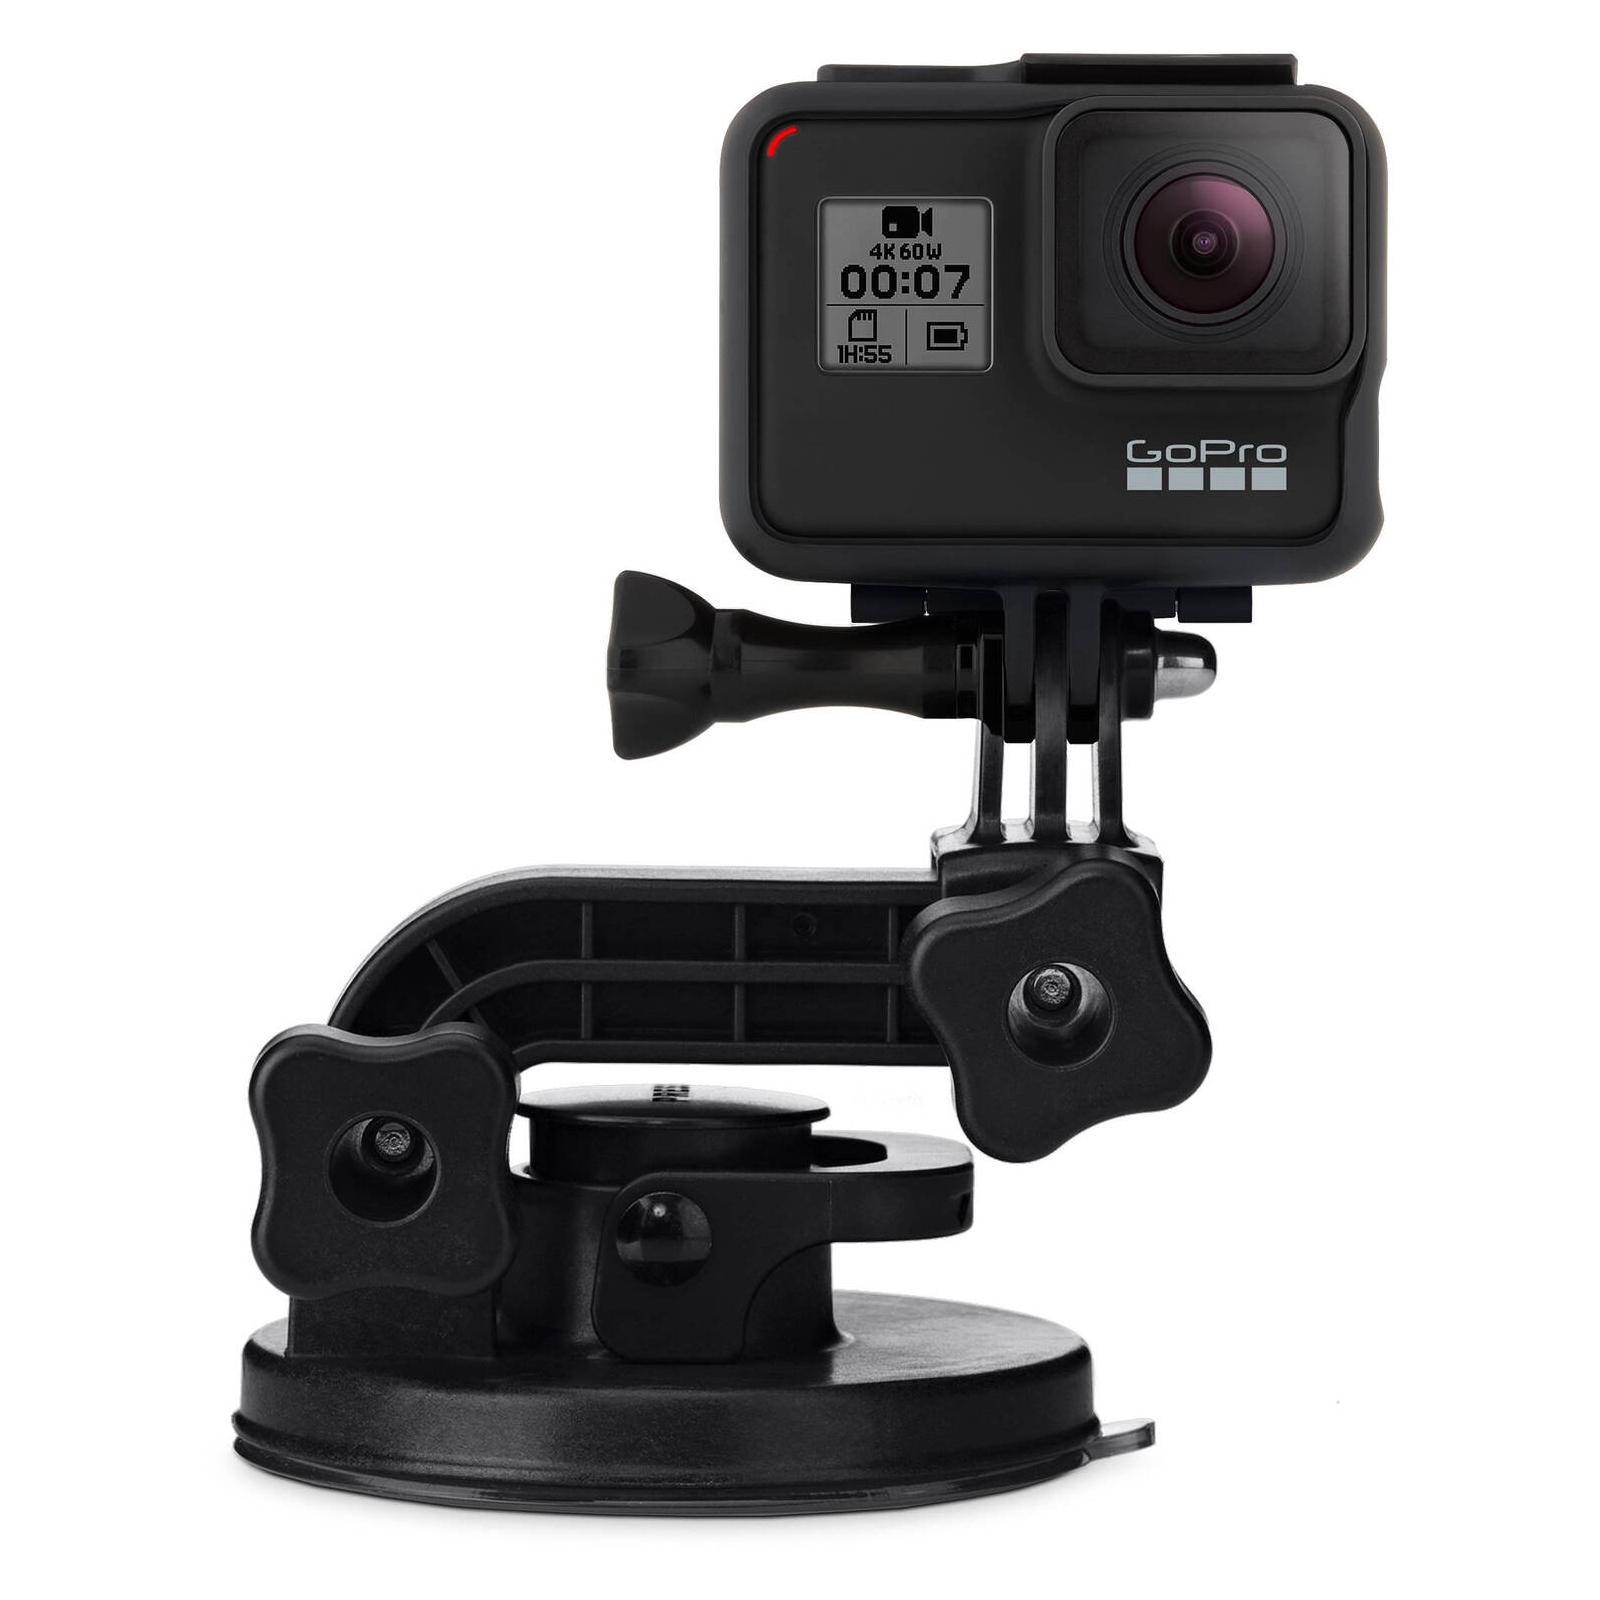 Аксессуар к экшн-камерам GoPro Suction Cup Mount (AUCMT-302) изображение 2